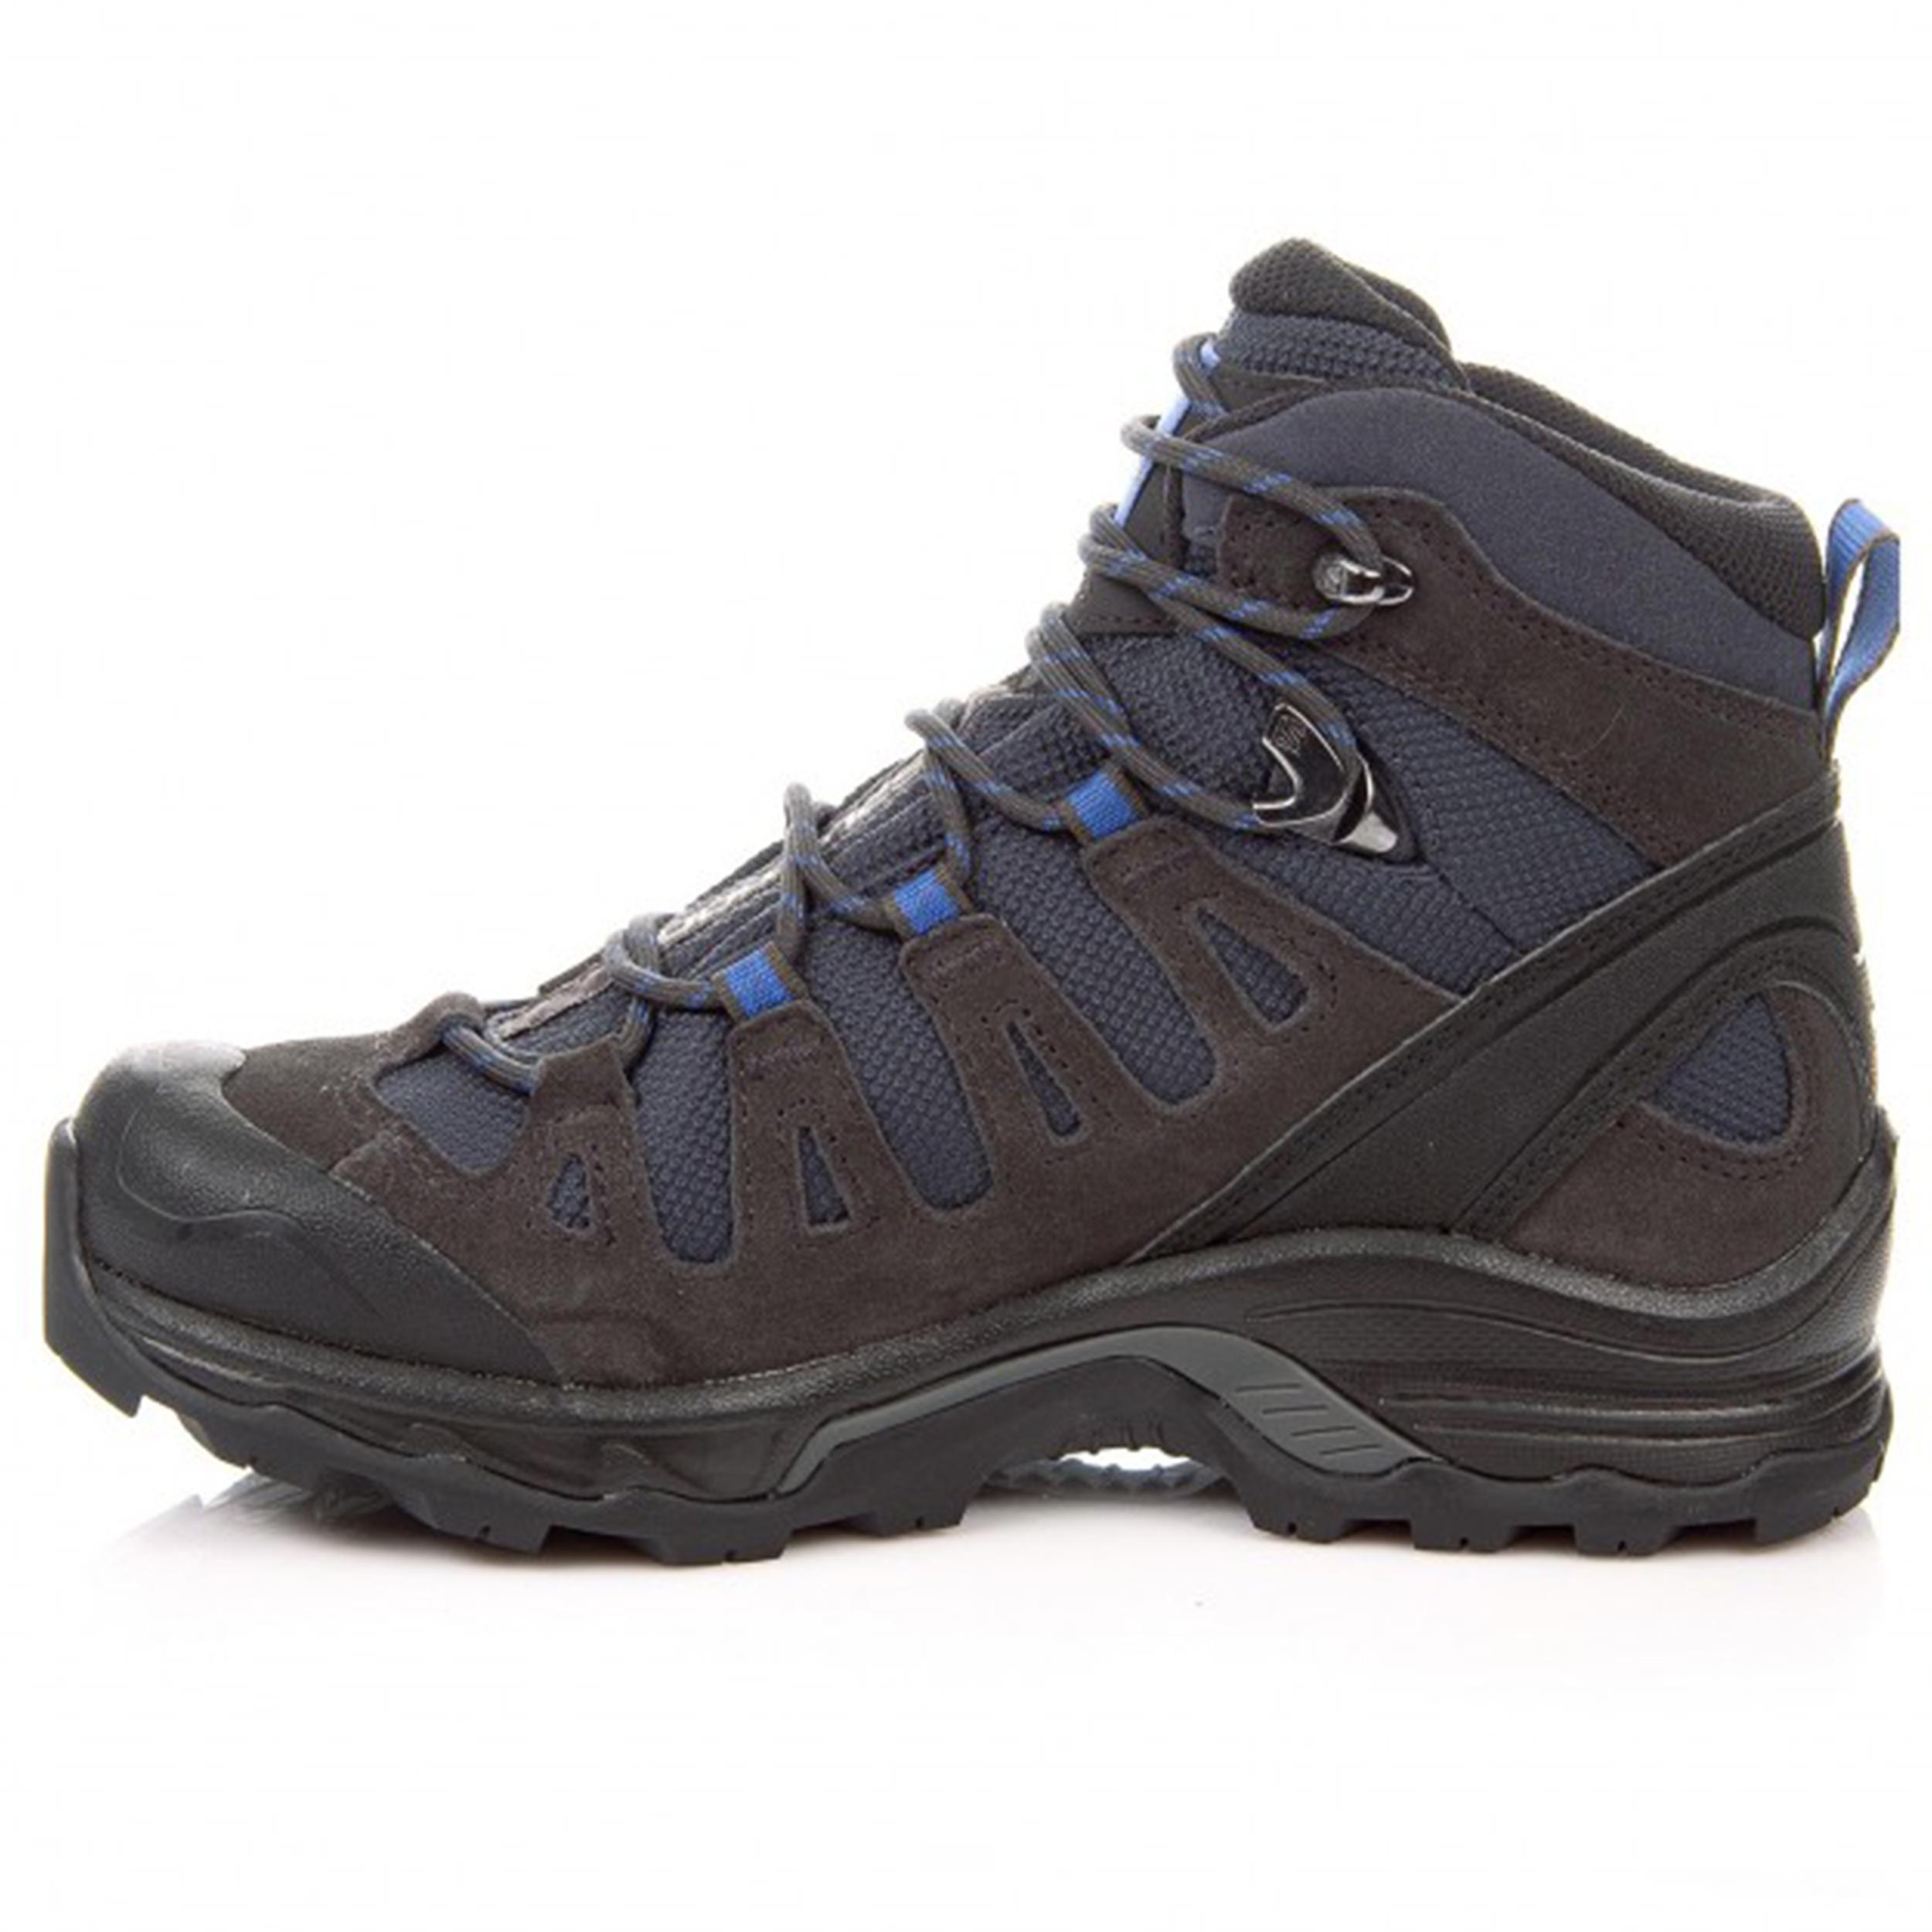 خرید کفش کوهنوردی زنانه سالومون مدل 399724 MIRACLE